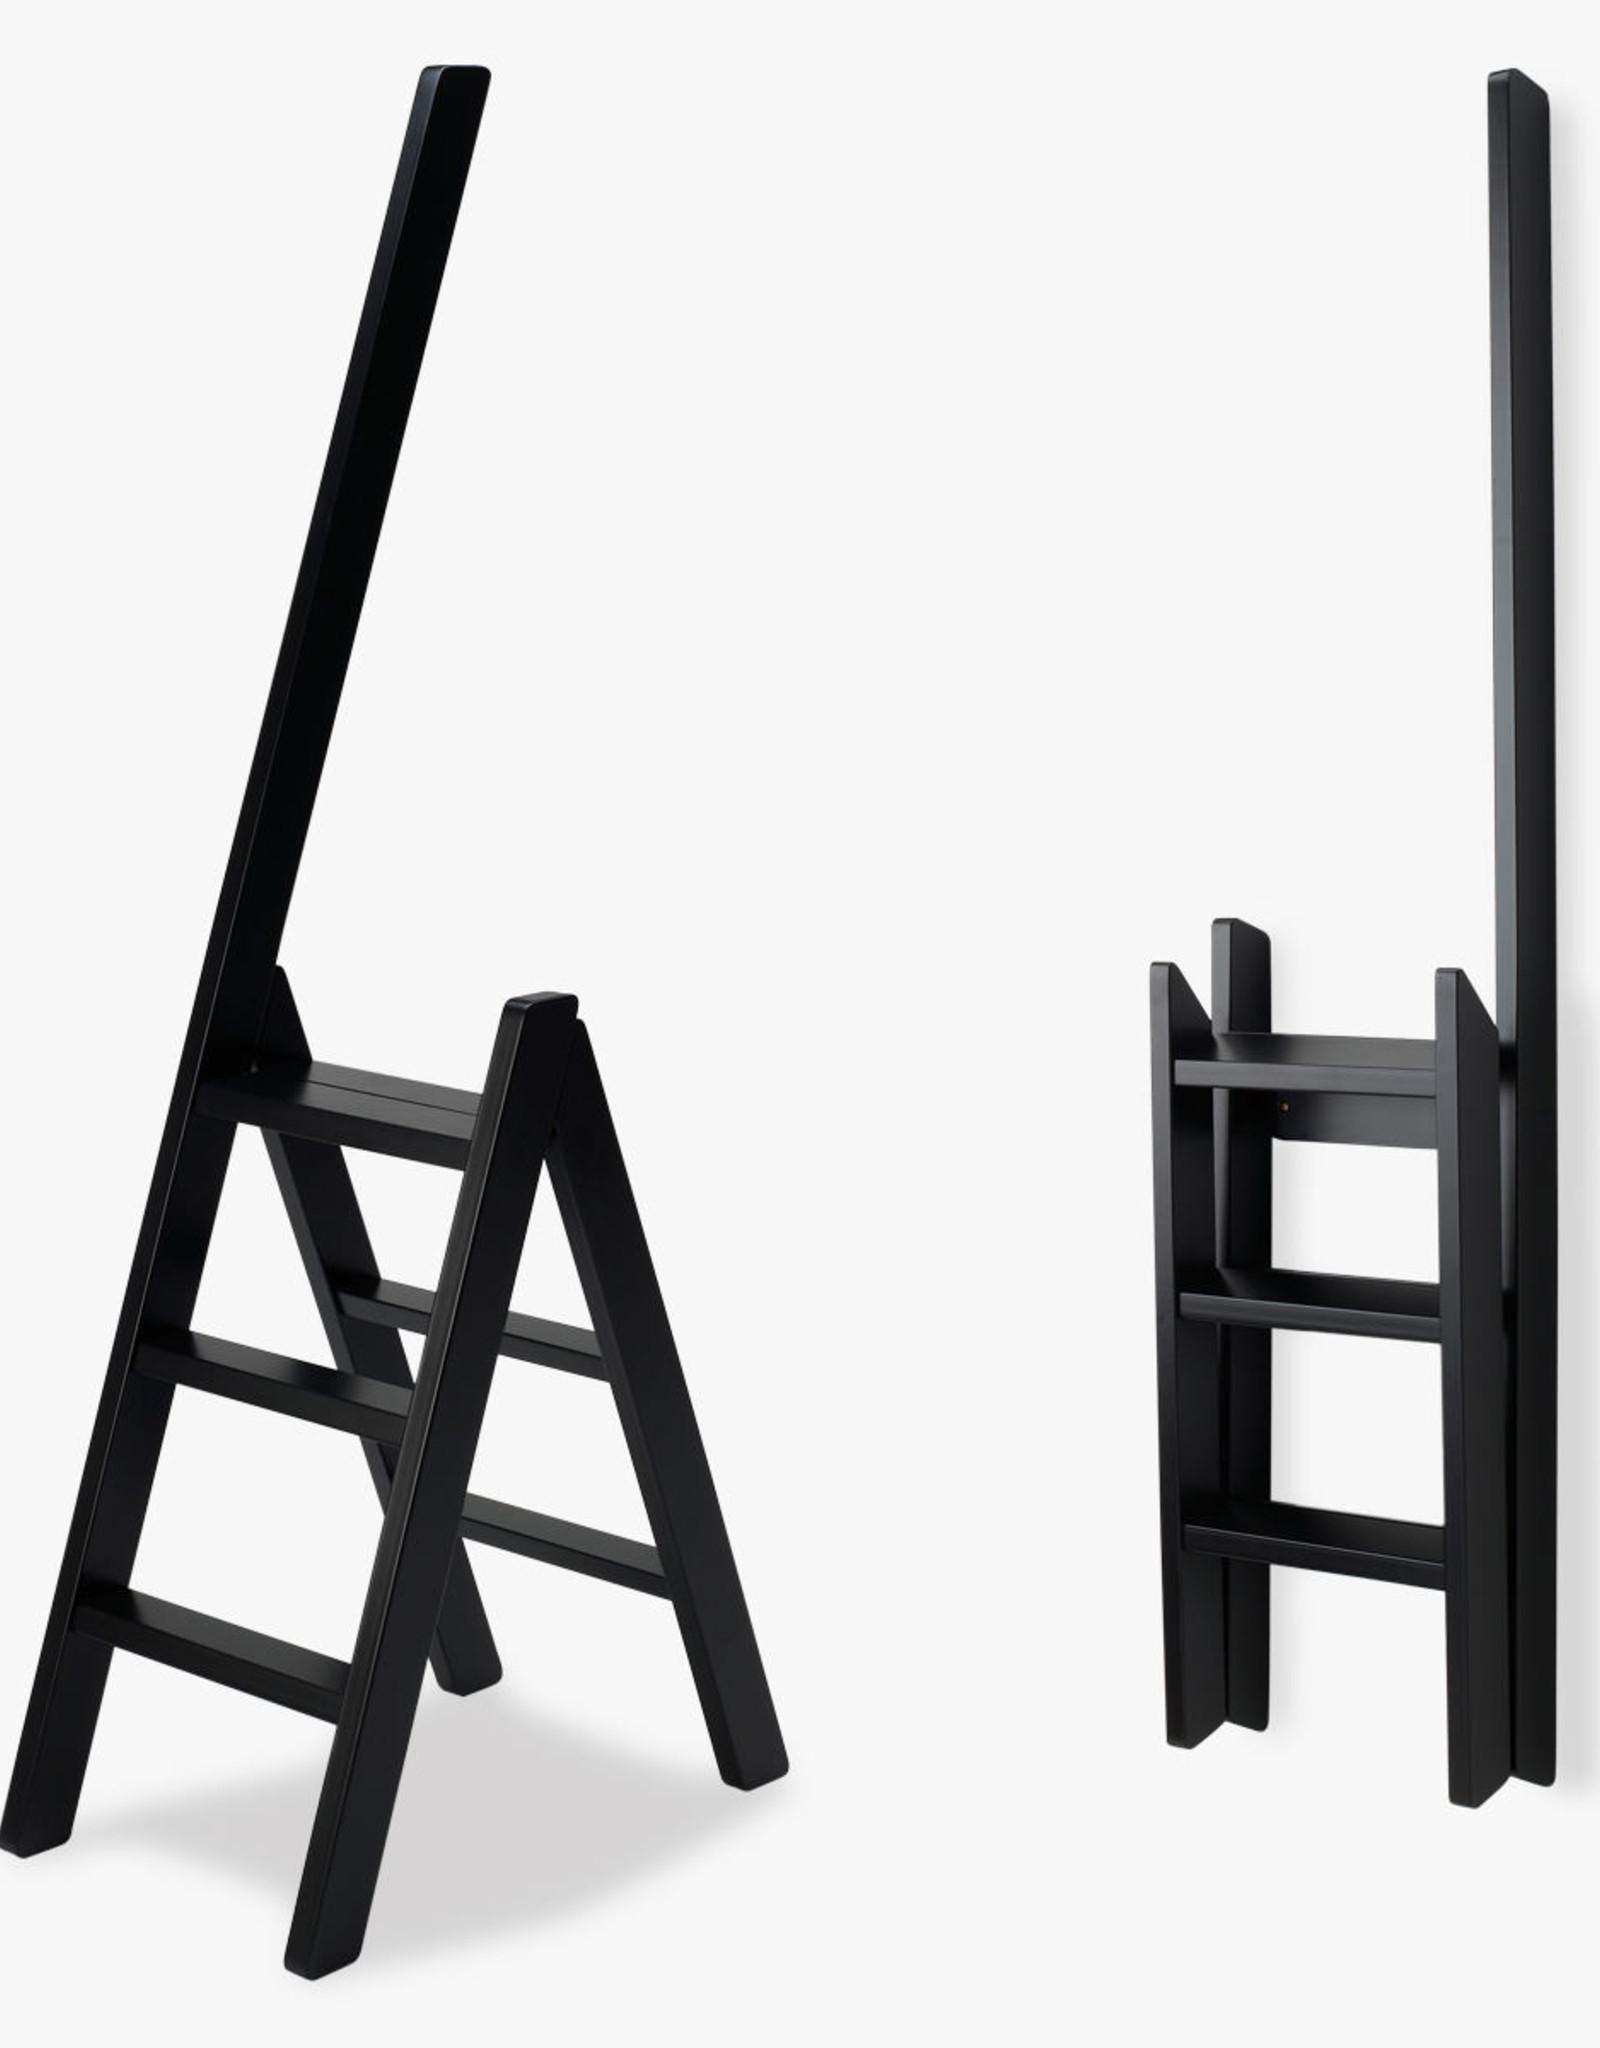 Step Ladder by Benedicte and Poul Erik Find | Black